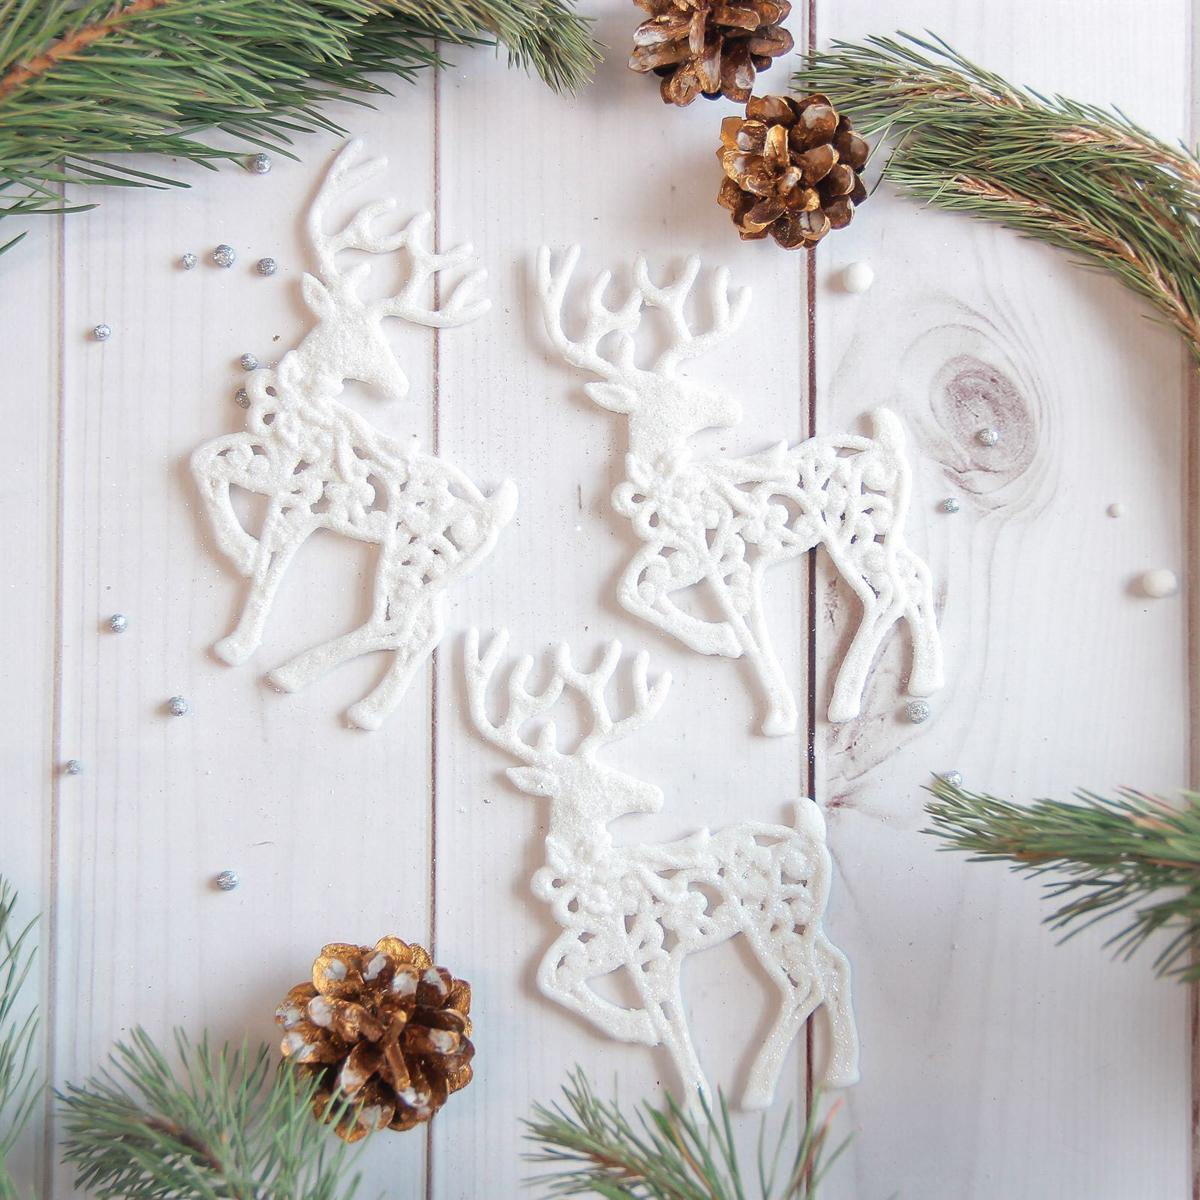 Набор новогодних подвесных украшений Sima-land Белый олень. Резные, 8 х 13 см, 3 шт2371302Набор новогодних подвесных украшений Sima-land отлично подойдет для декорации вашего дома и новогодней ели. Новогодние украшения можно повесить в любом понравившемся вам месте. Но, конечно, удачнее всего они будет смотреться на праздничной елке.Елочная игрушка - символ Нового года. Она несет в себе волшебство и красоту праздника. Такое украшение создаст в вашем доме атмосферу праздника, веселья и радости.